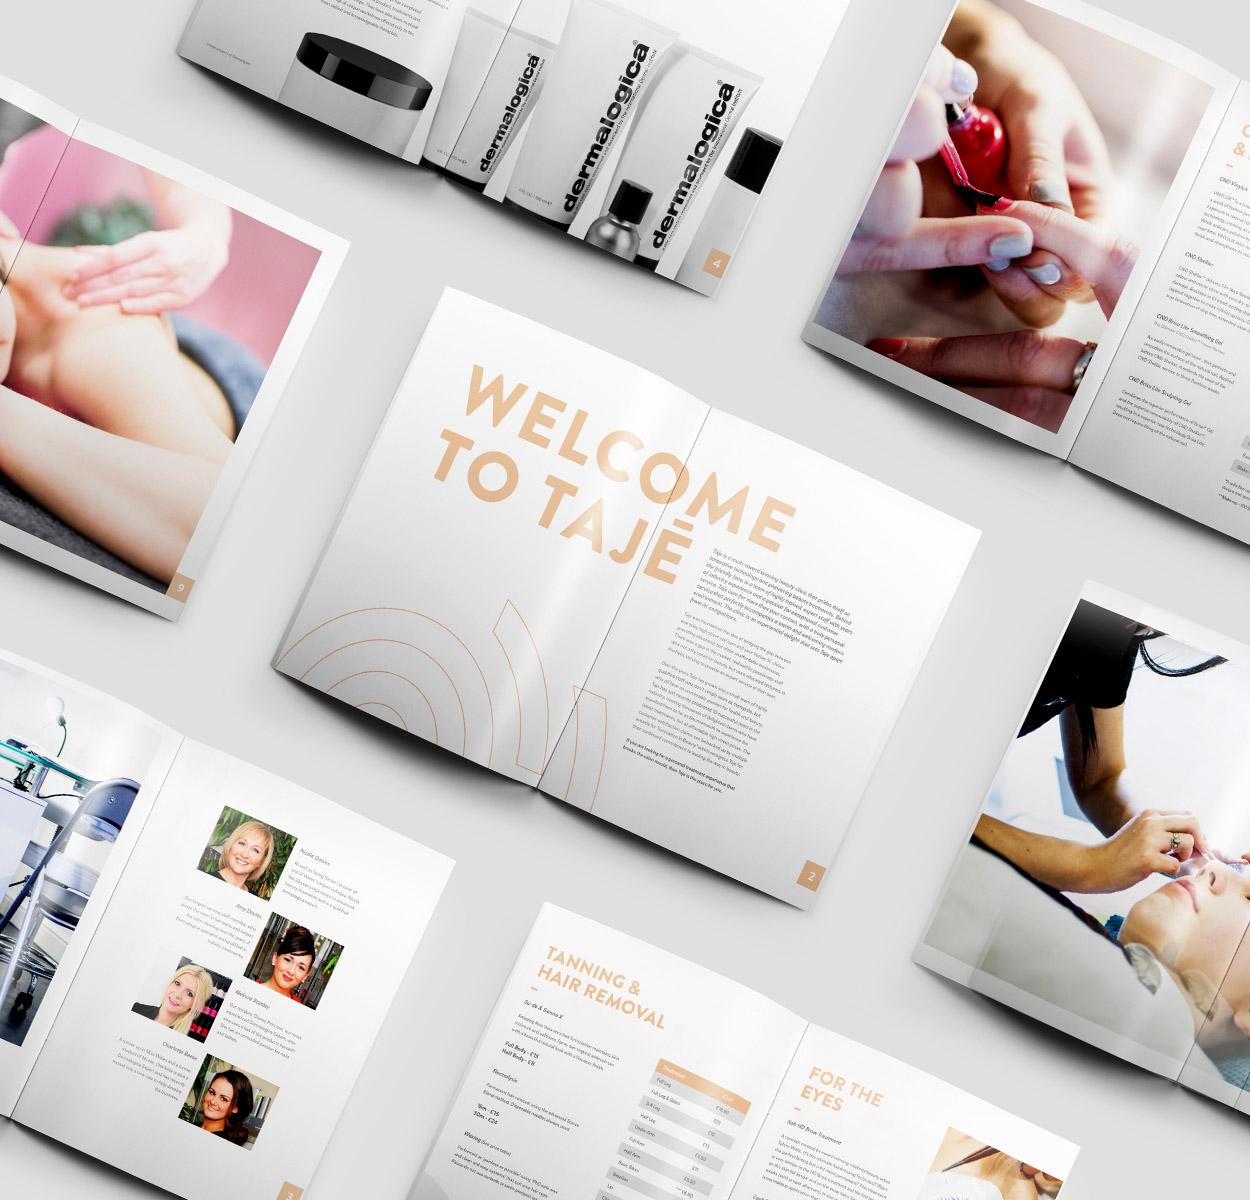 beauty salon price guide design